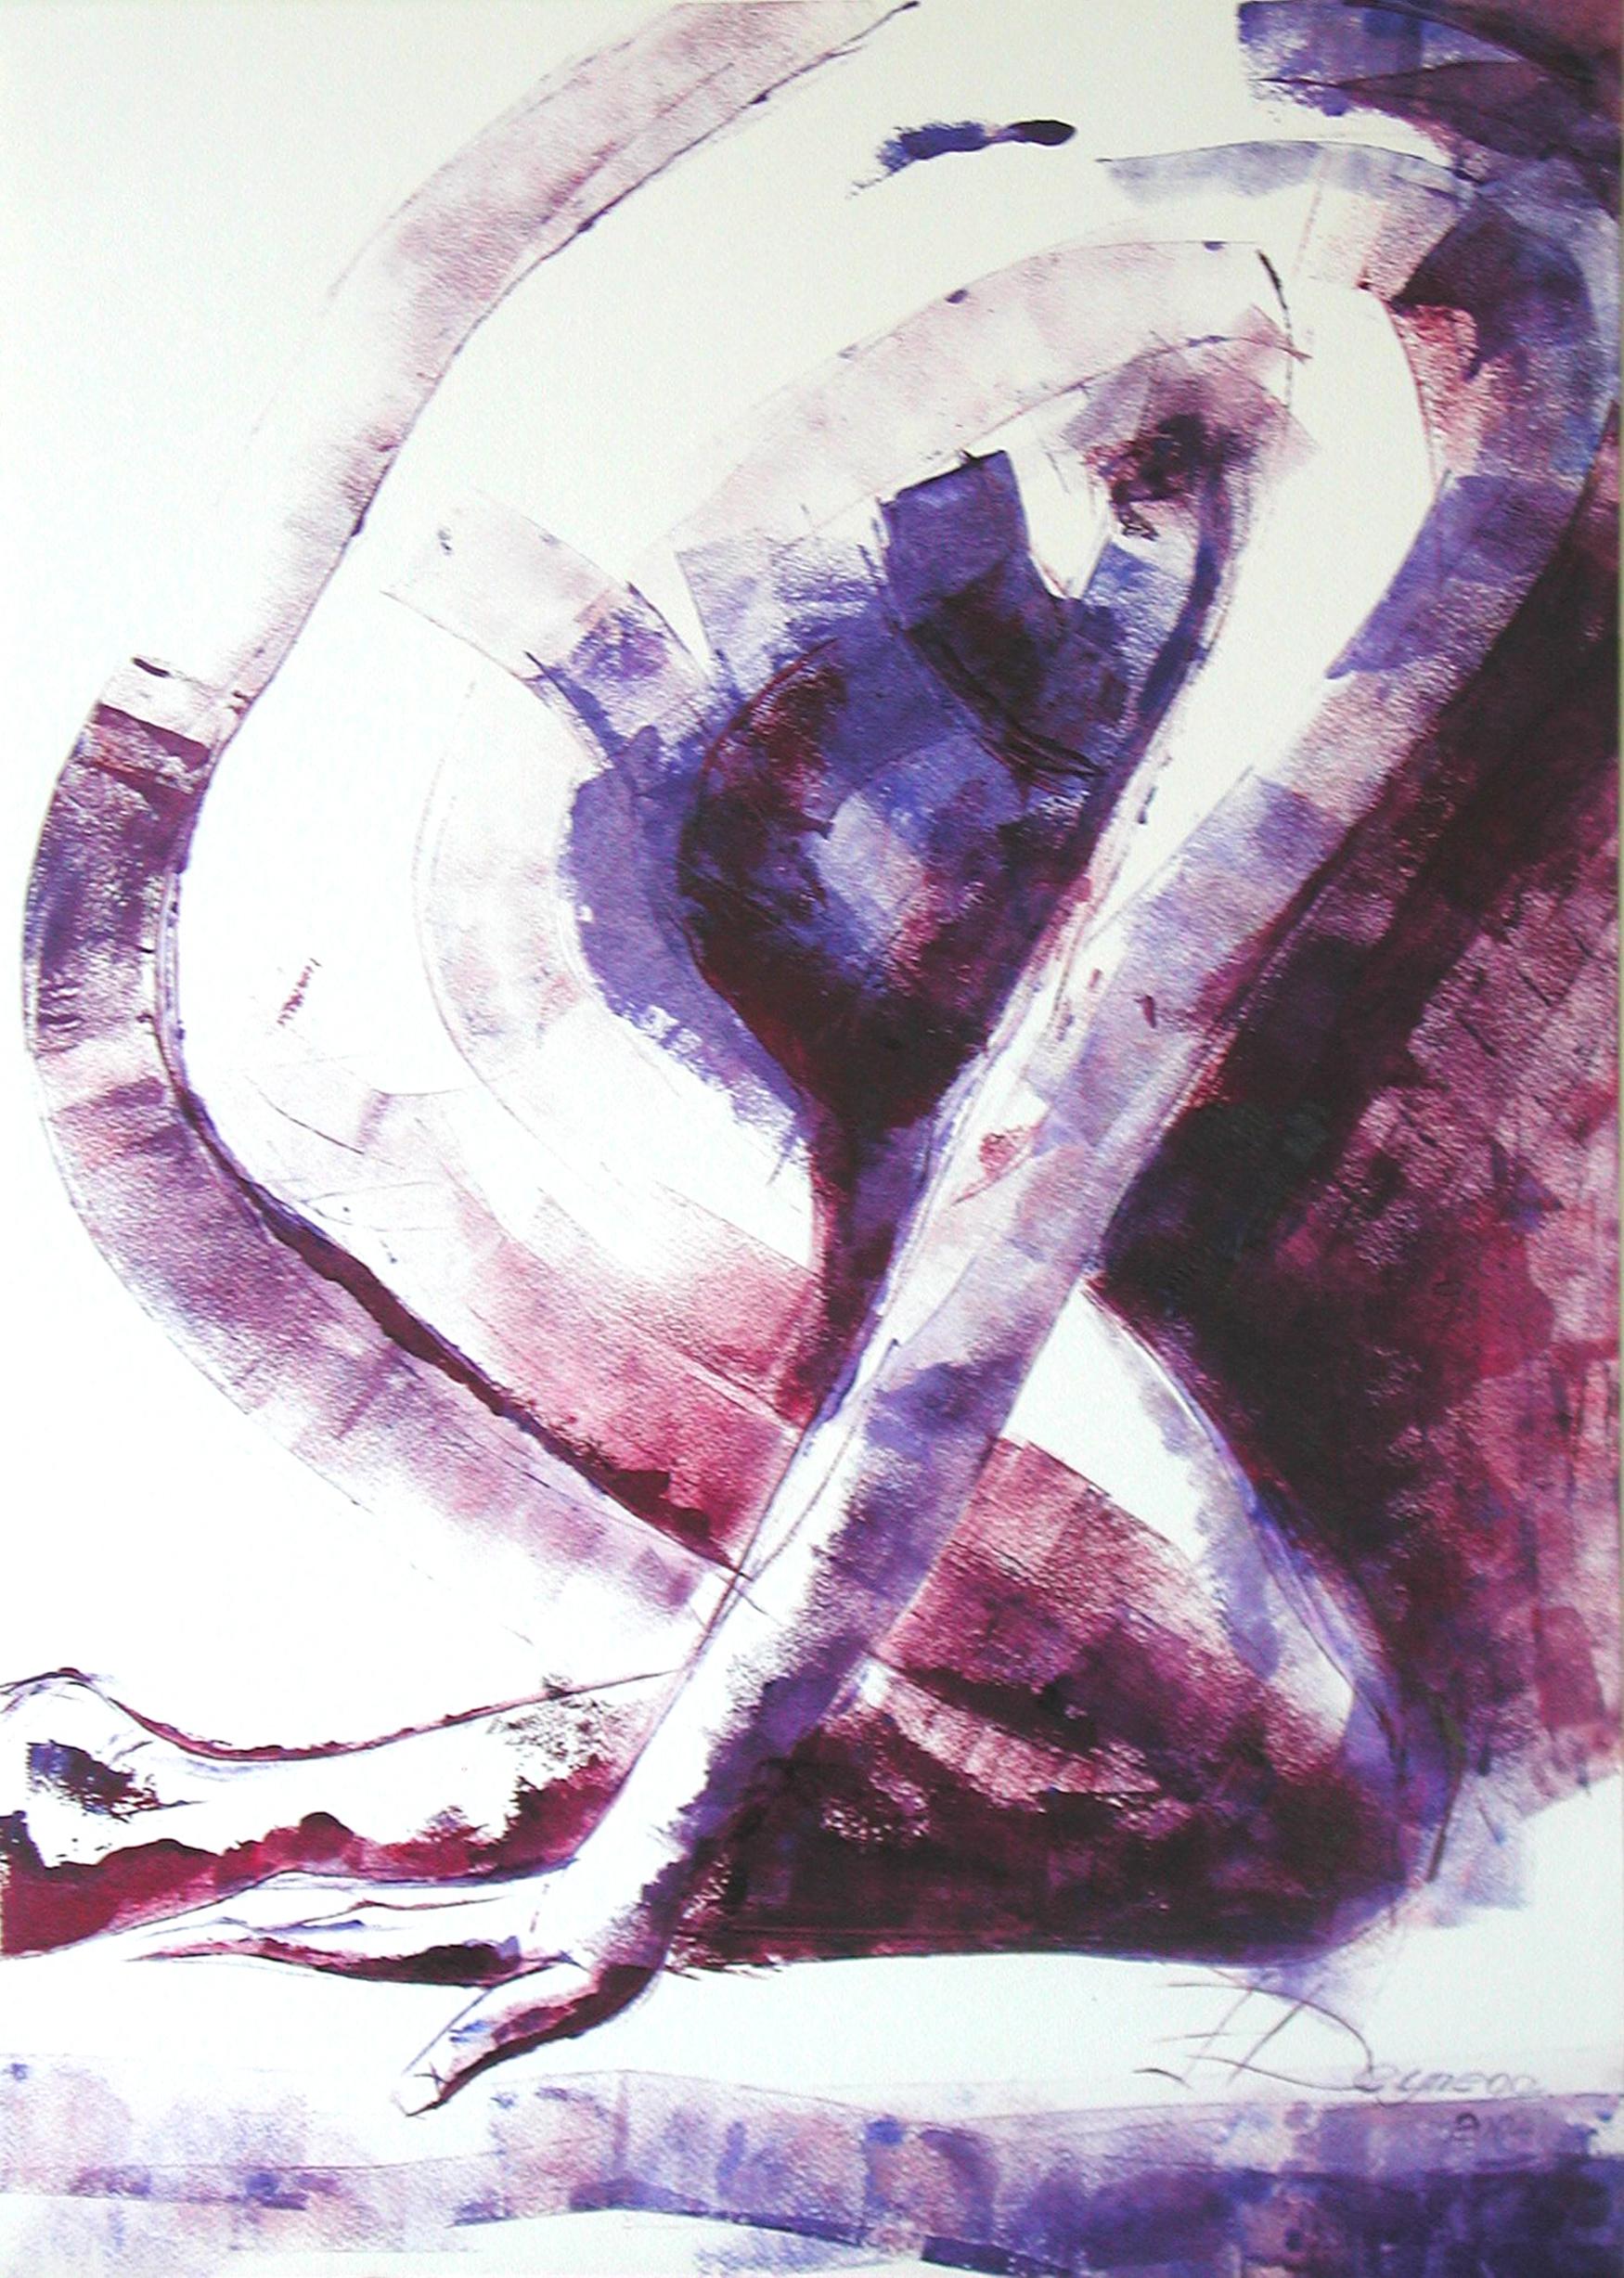 Akt III, Acryl (43x61 cm)